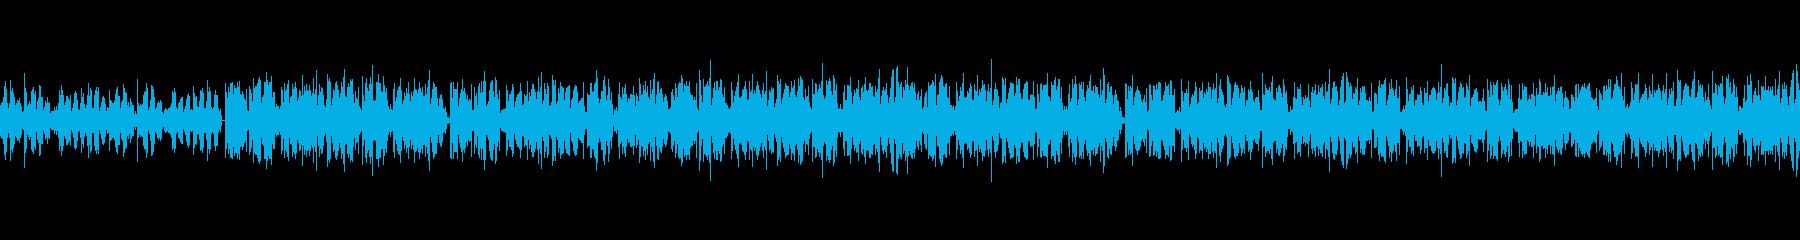 夜のドライブで流したい ローファイBGMの再生済みの波形